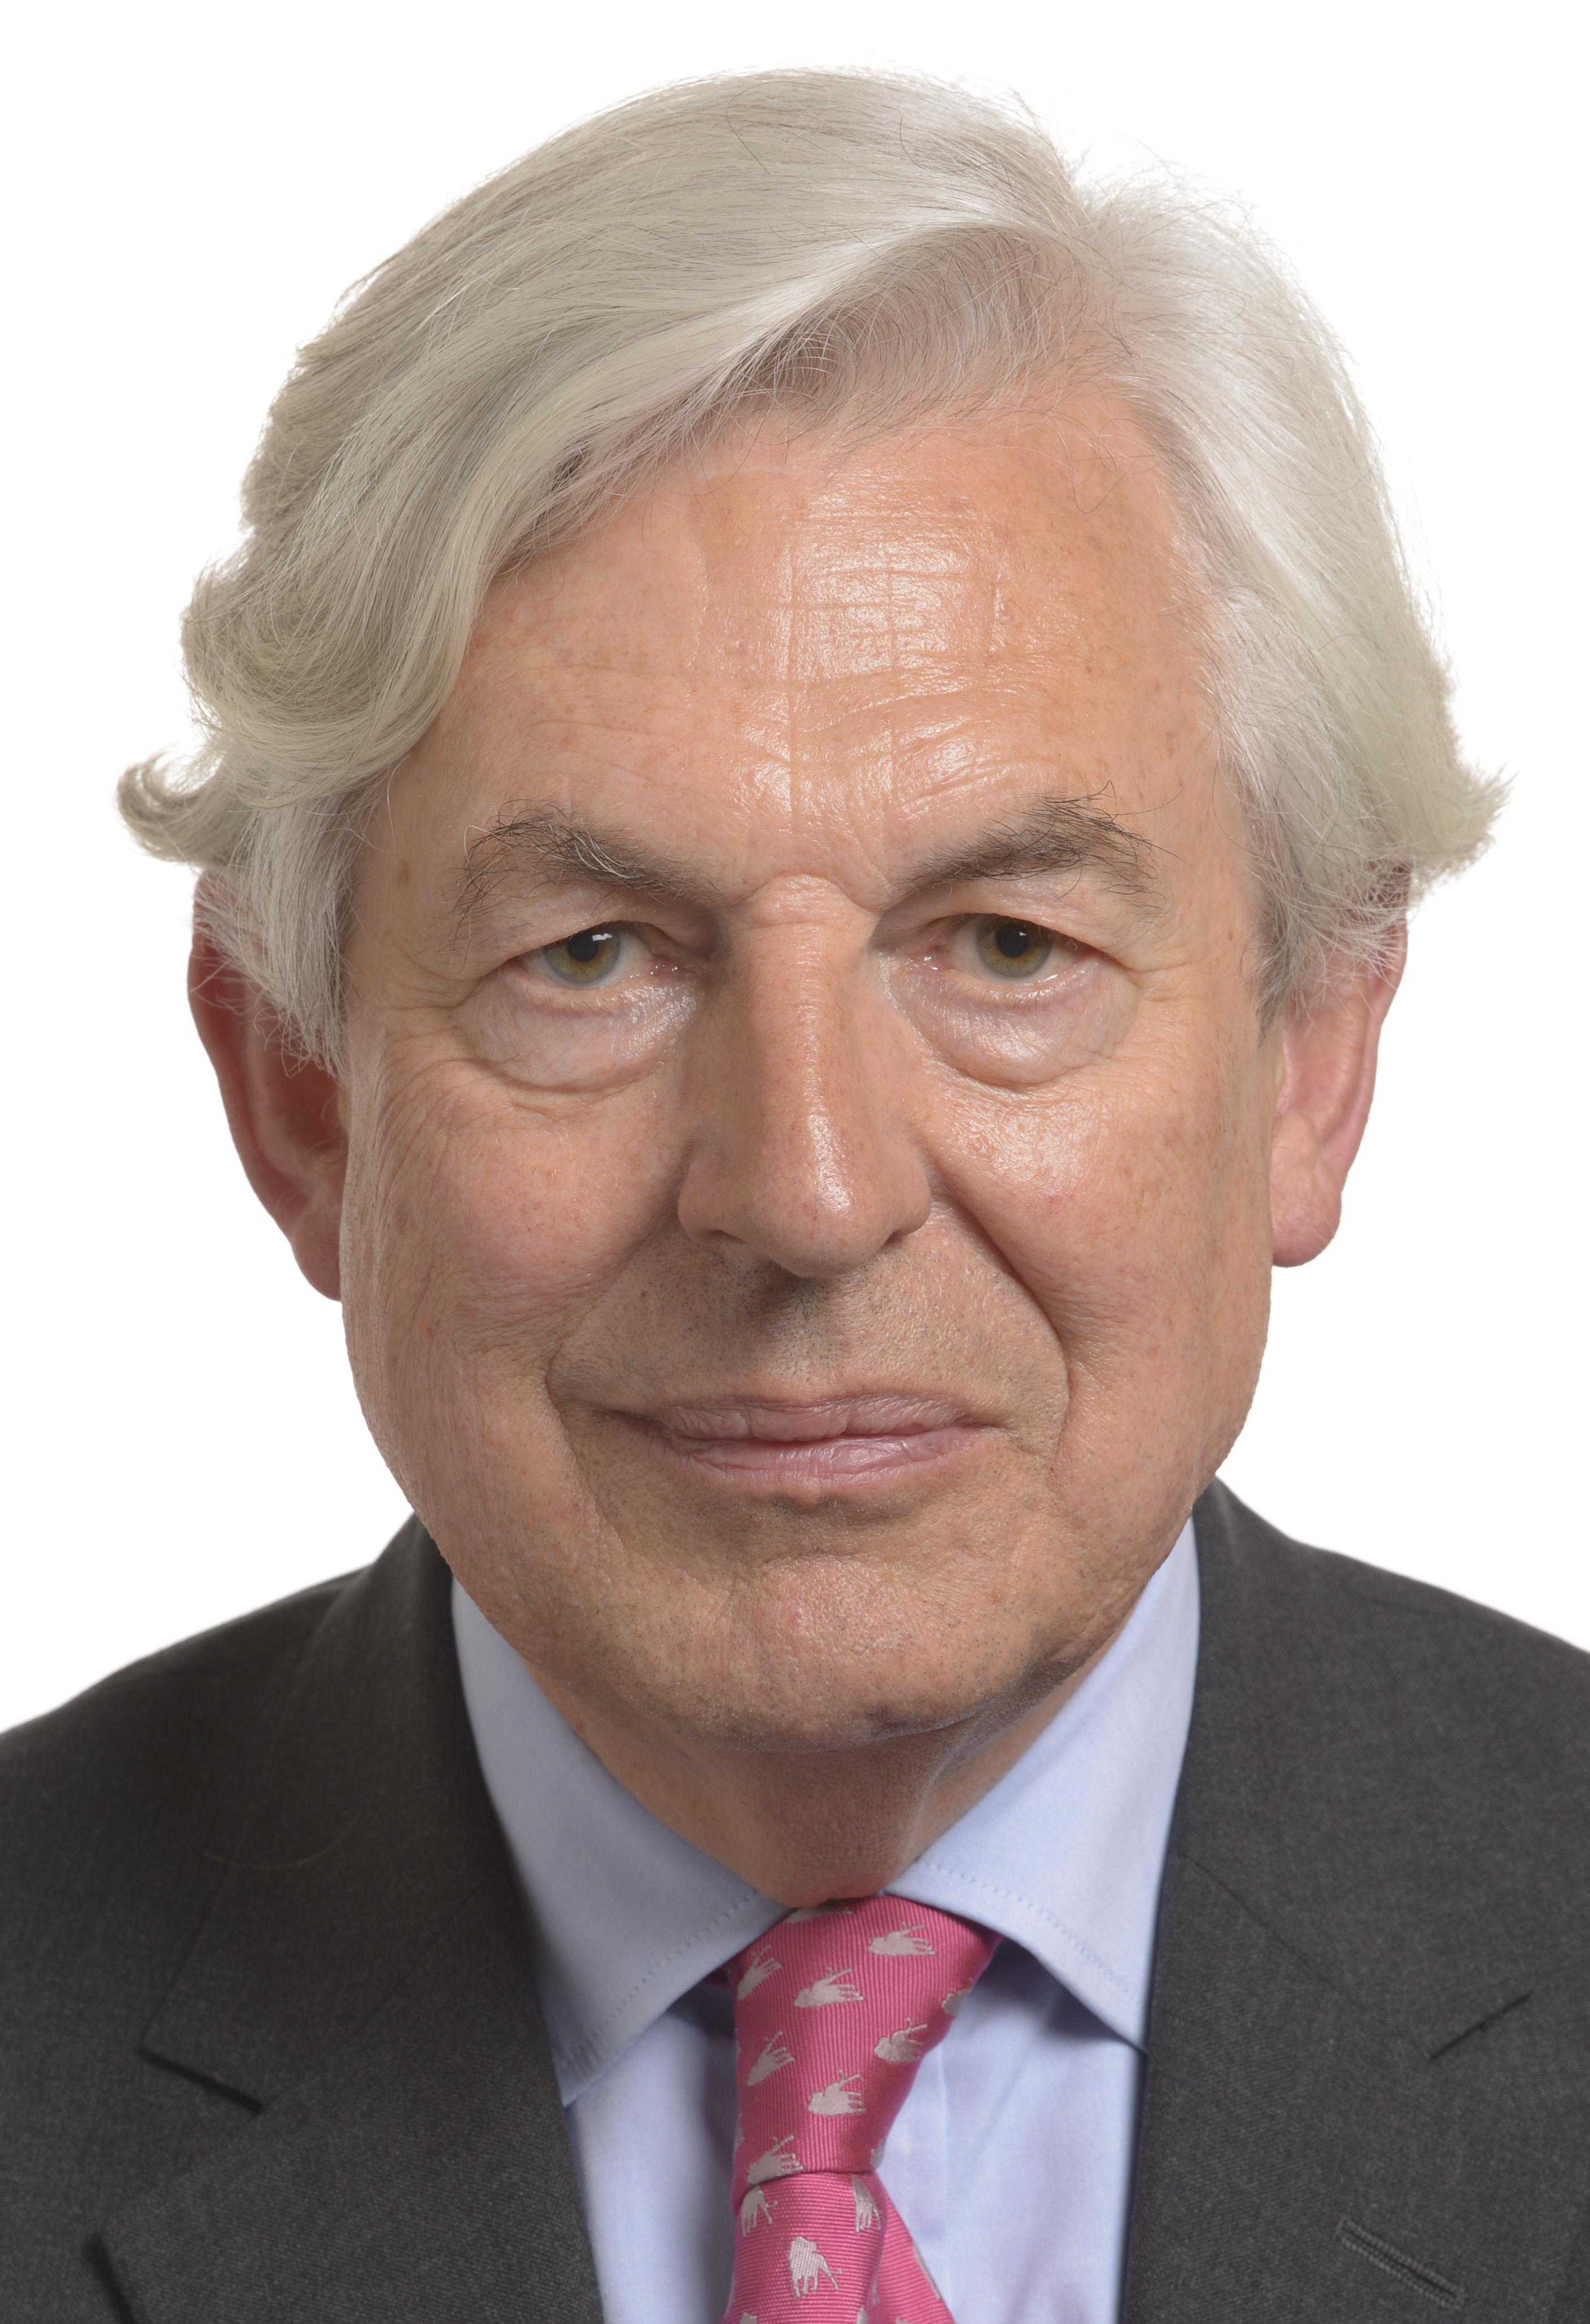 Hon Geoffrey Van Orden MBE MEP